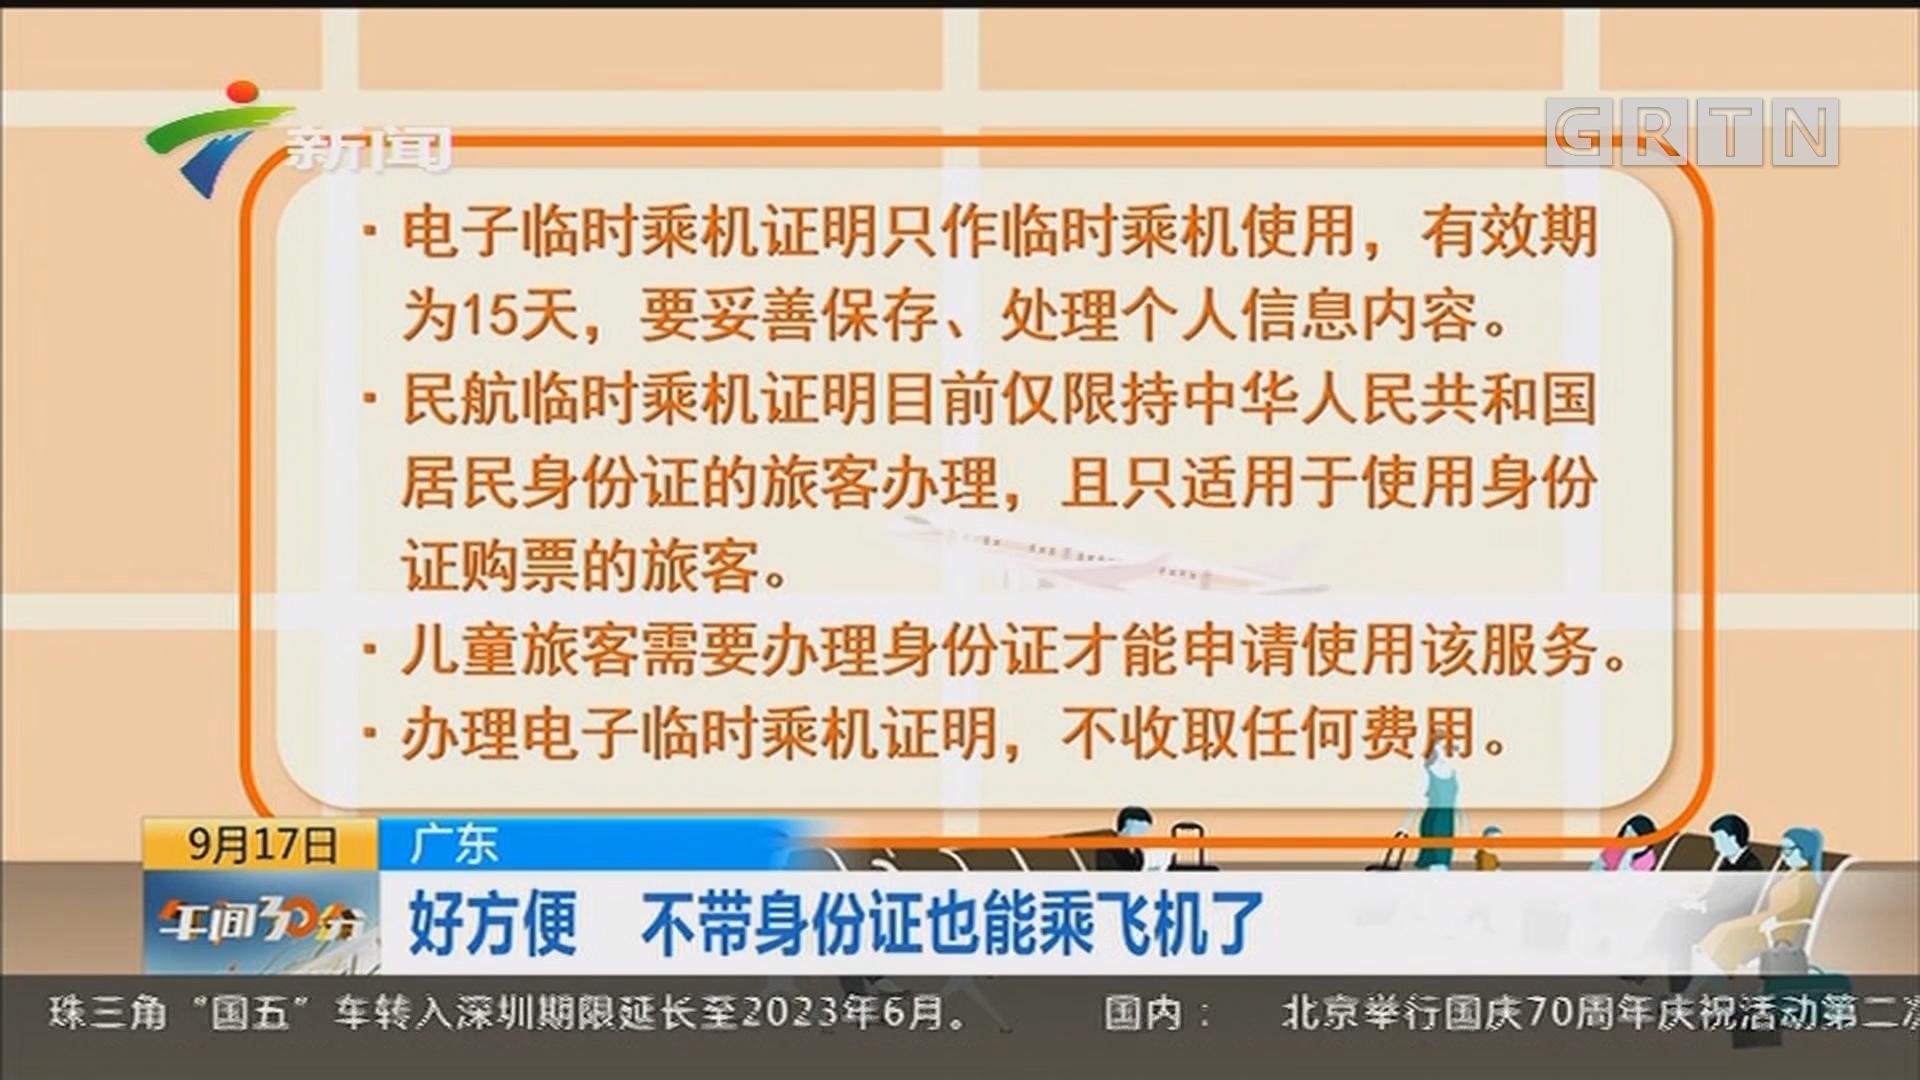 广东:好方便 不带身份证也能乘飞机了